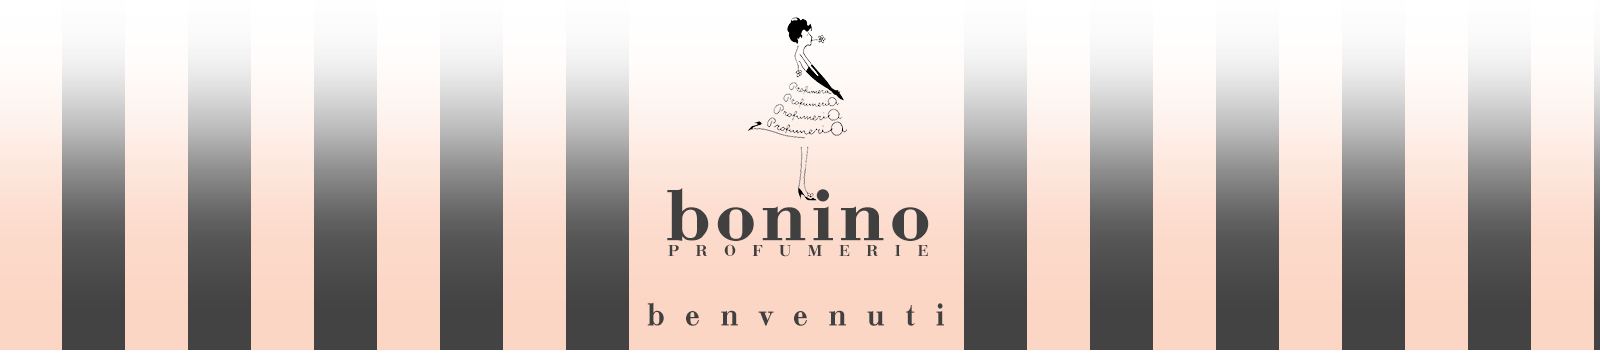 slide_bonino_h